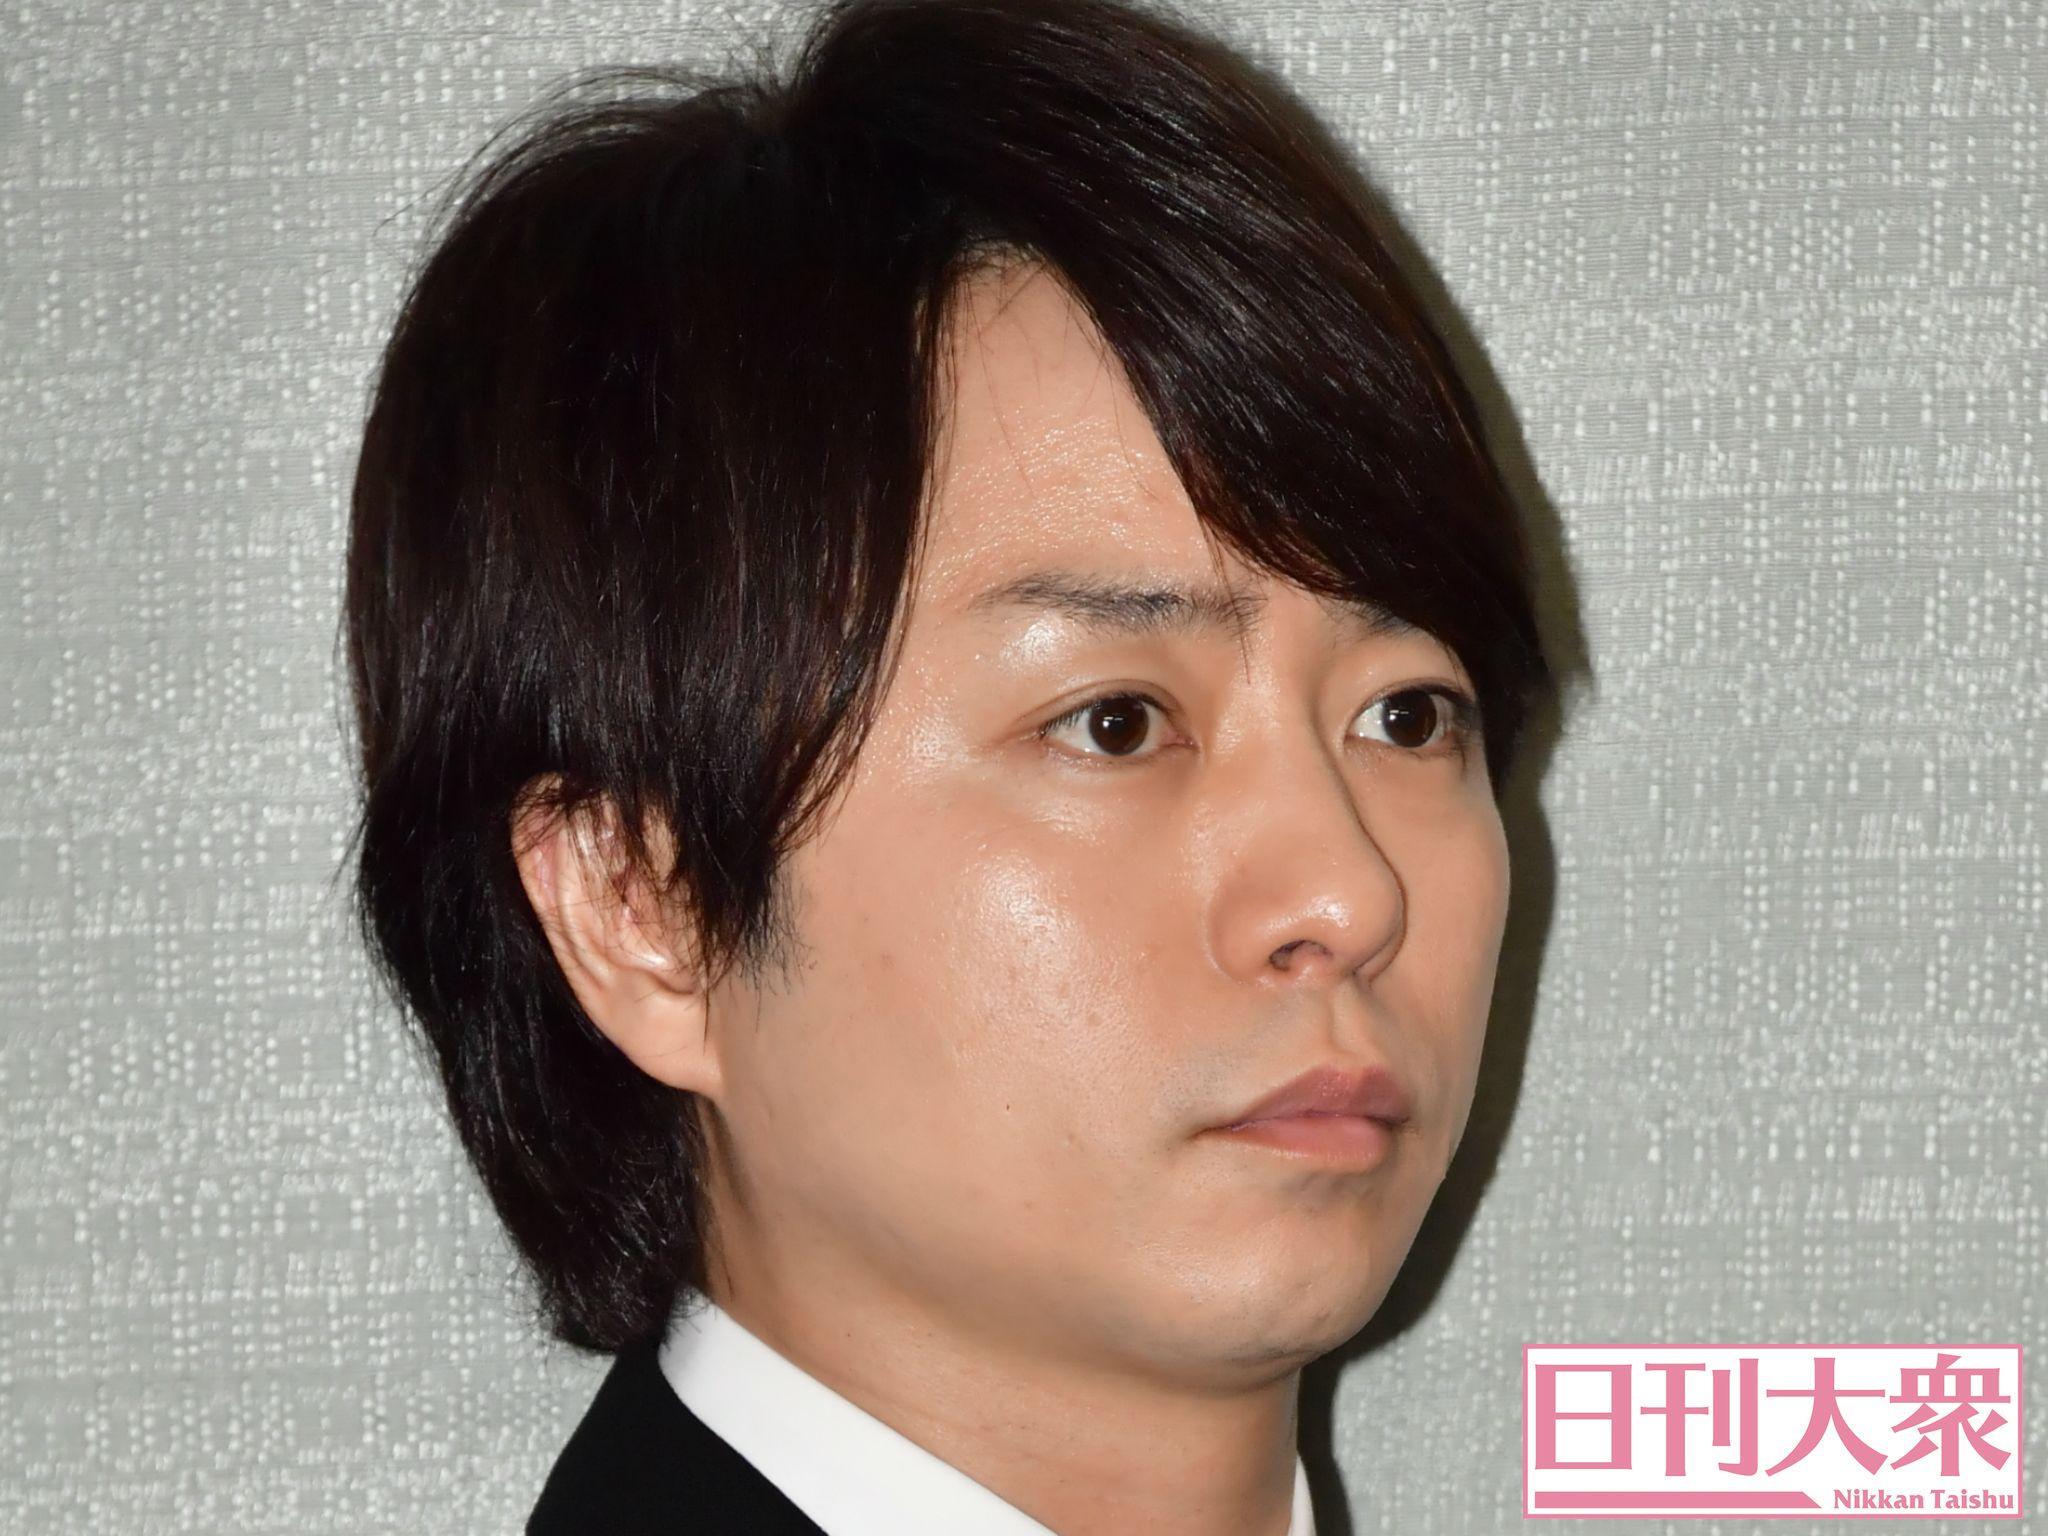 100 櫻井 翔 画像 壁紙 Pc スマートフォン用hd壁紙